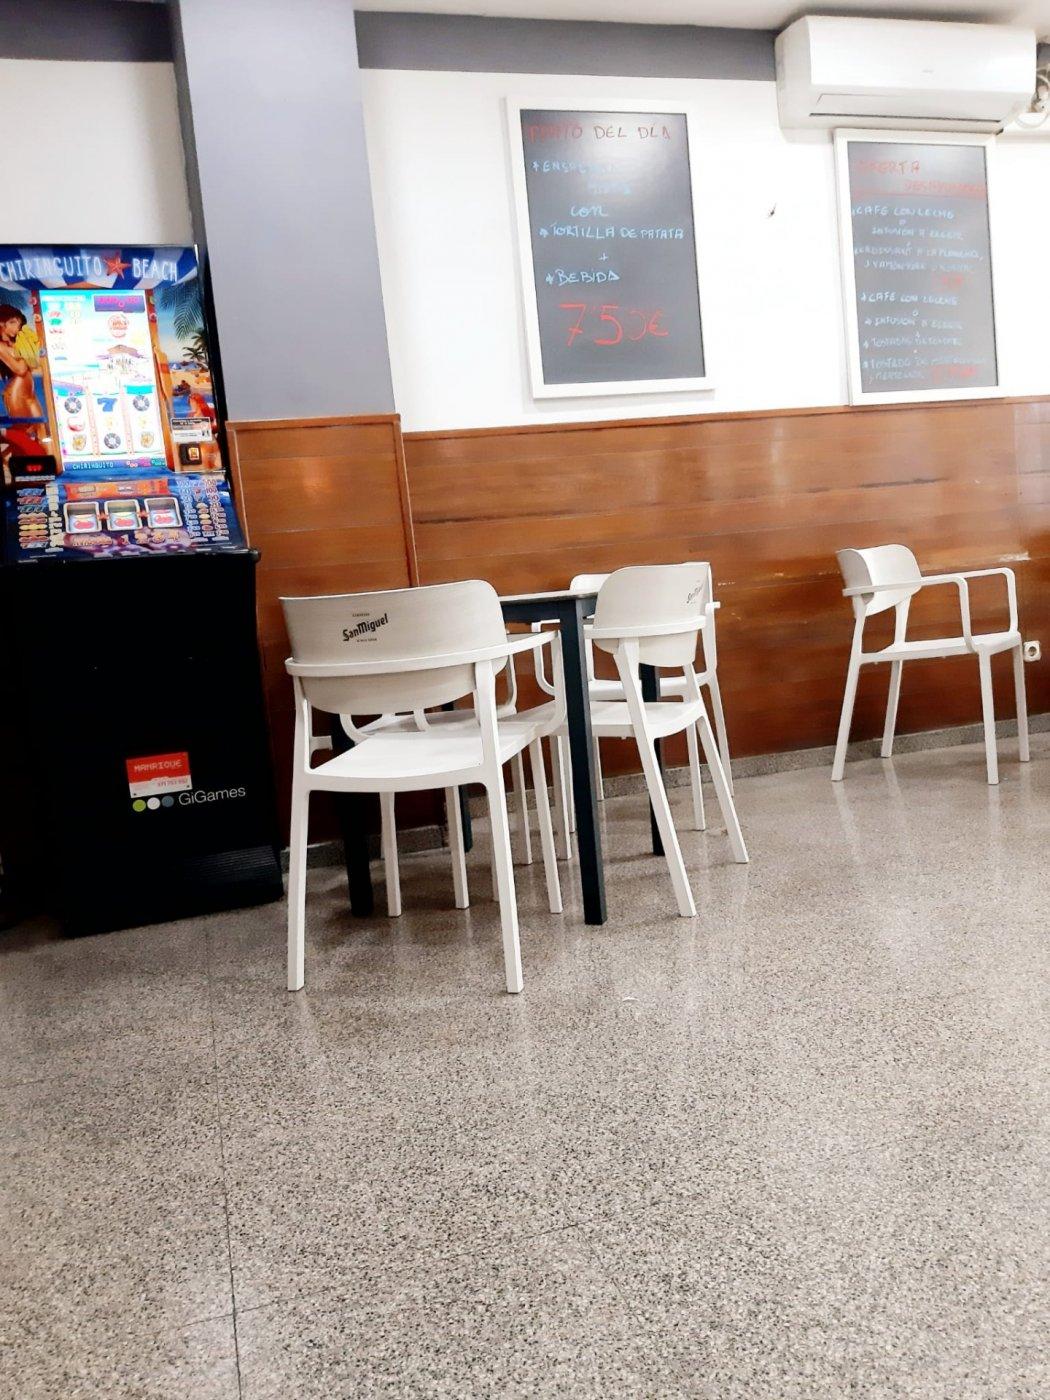 Oportunidad de traspaso de bar en excelente ubicación. centro de palma - imagenInmueble9